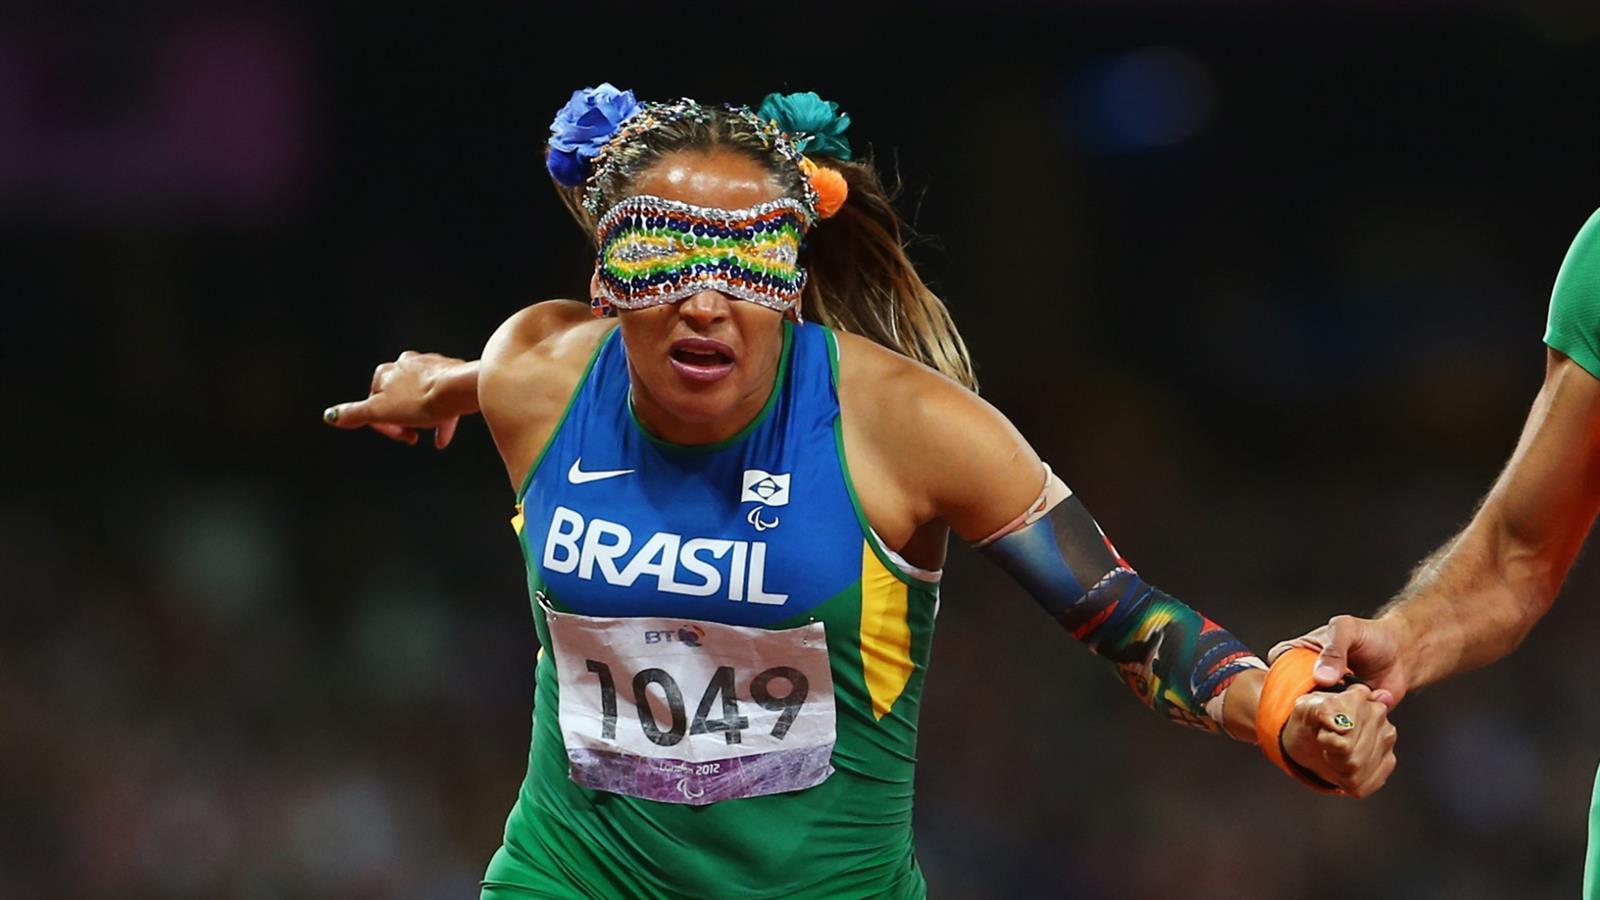 A atleta do Brasil das pistas de corrida mais famosa dessas Palimpíadas, Terezinha Guilhermina, conquistou o mundo com todo o seu estilo, com vendas obrigatórias na sua categoria, mas que ela deu um jeito de deixar com muito estilo (Foto: Divulgação)